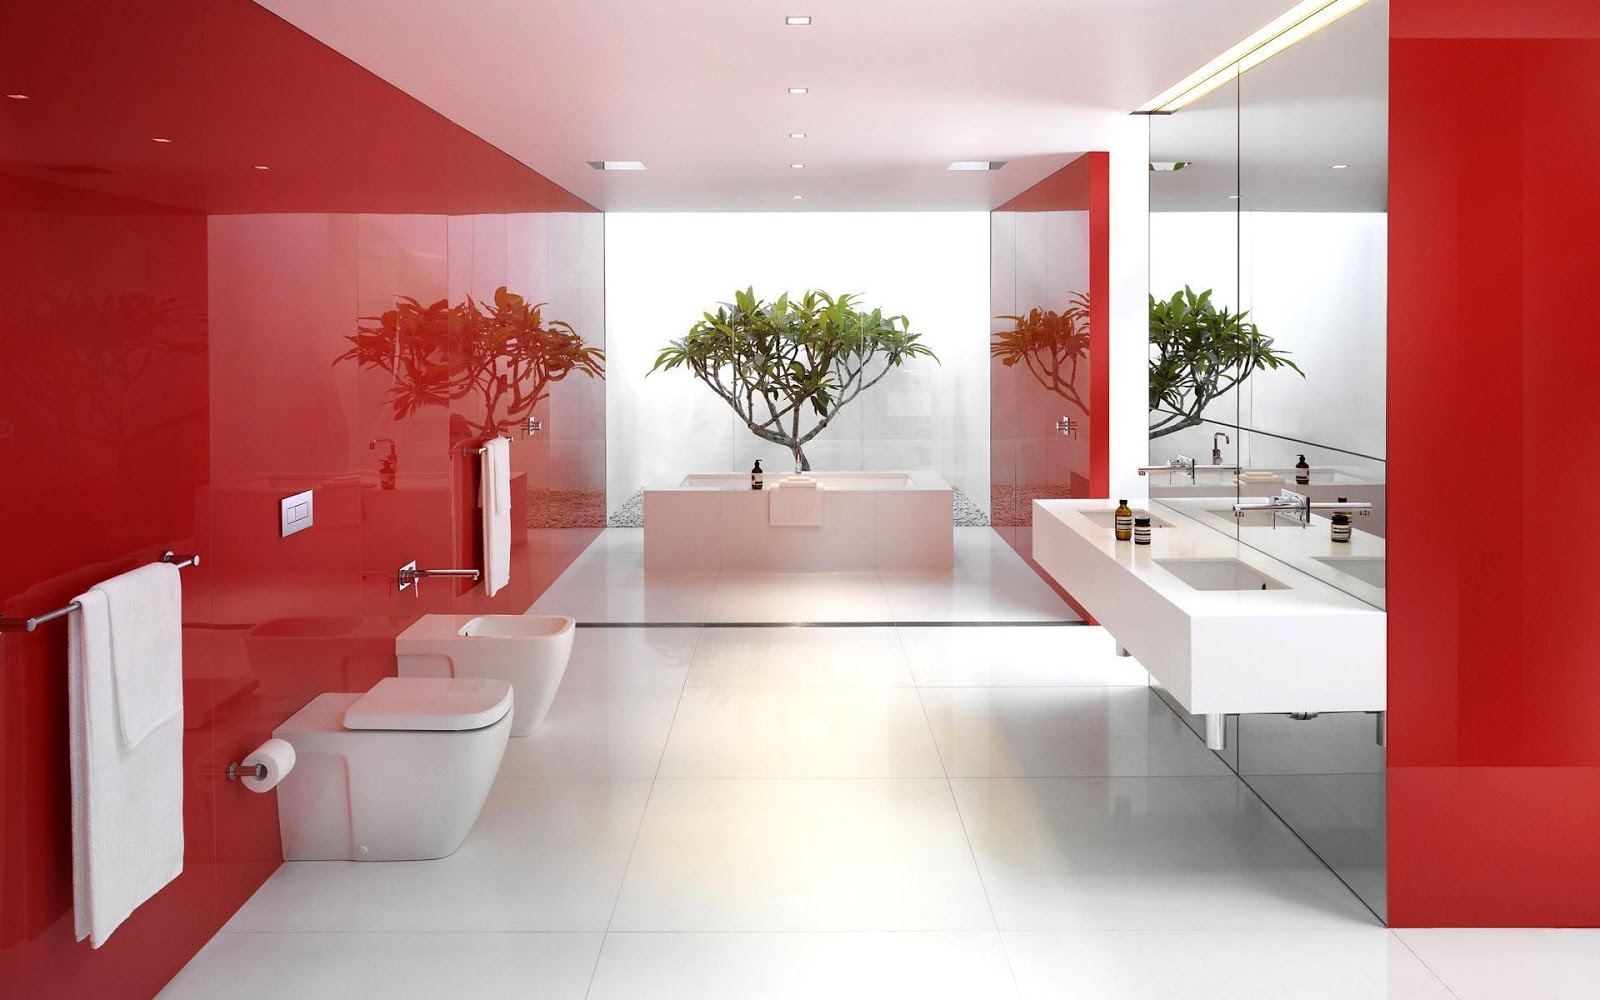 Cu l es el mejor color para pintar mi ba o tbp - The bath point ...